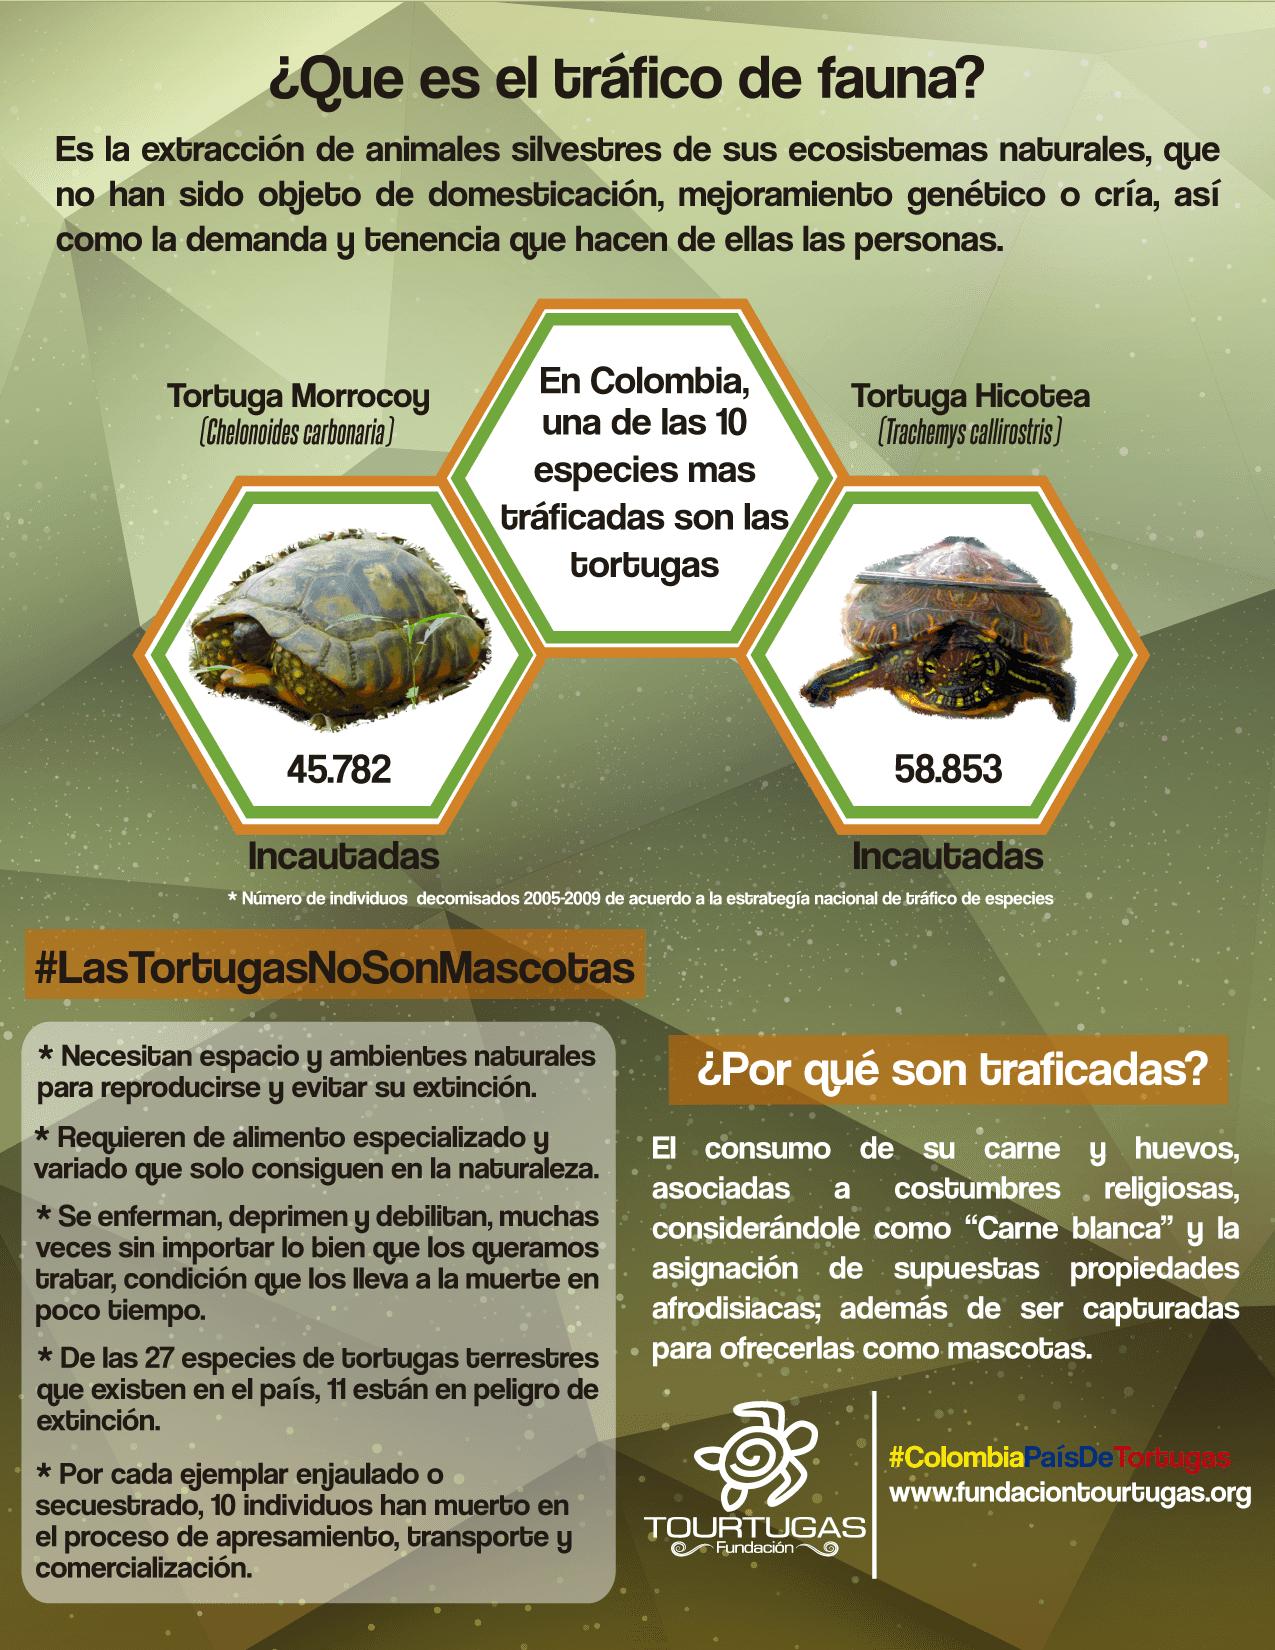 Infografía sobre el tráfico de tortugas continentales